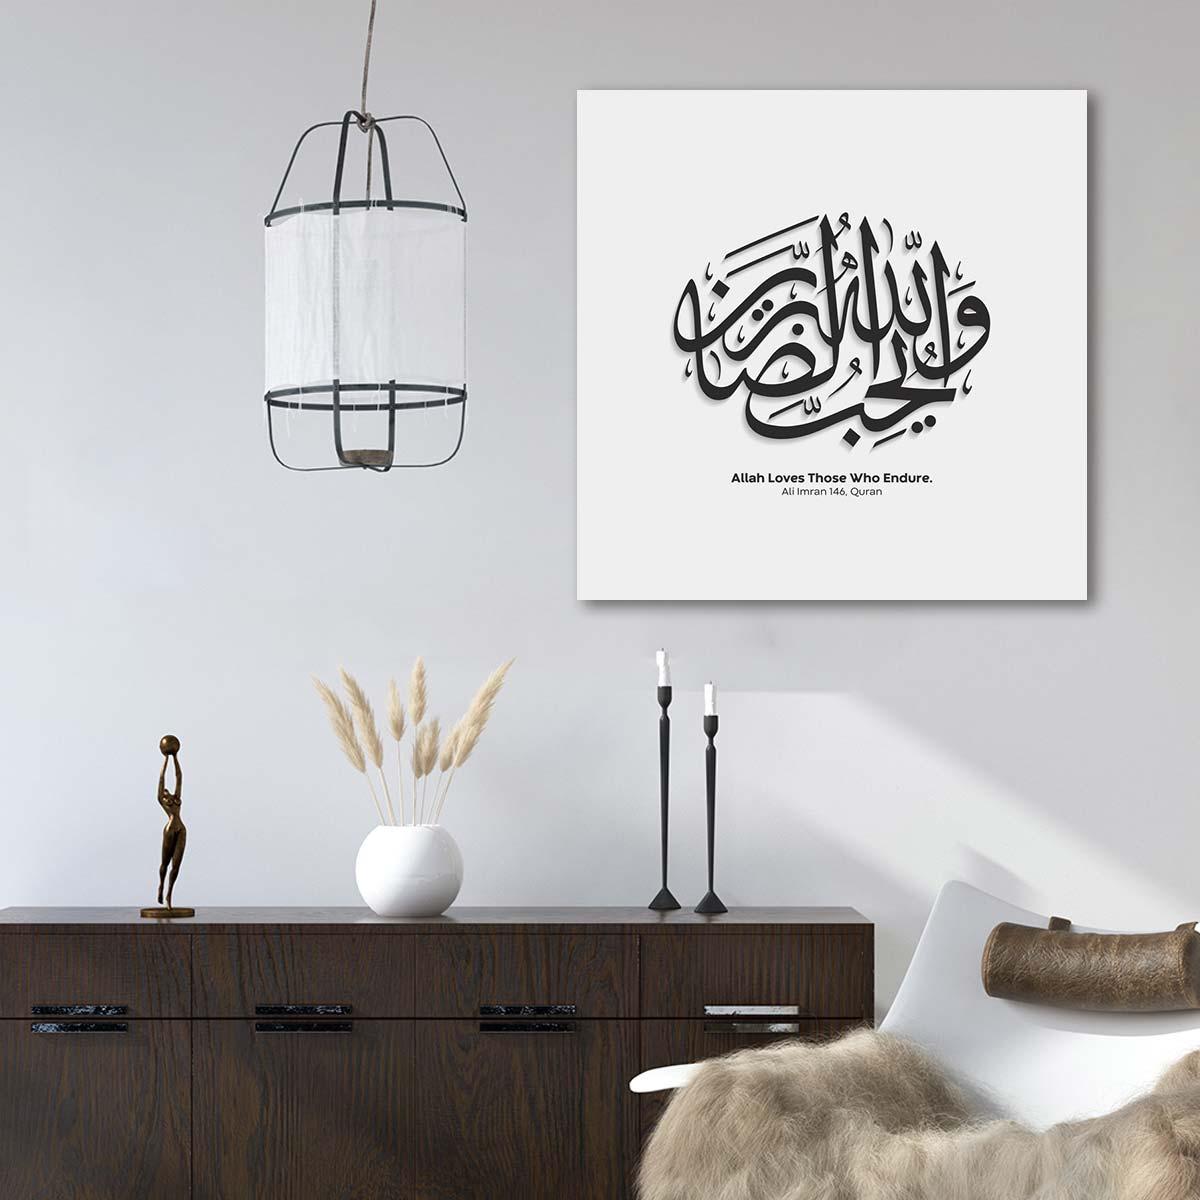 """لوحات جدارية - """" والله يحب الصابرين """" - لوحات جدارية - لوحات فنية مميزة - لوحة جدارية اسلامية بطابع عربي يعود إلى الحقبة الفنية الإسلامية بالألوان الجذابة التي تعطي طاقة وجمال يتناسب مع جميع أثاثكم"""